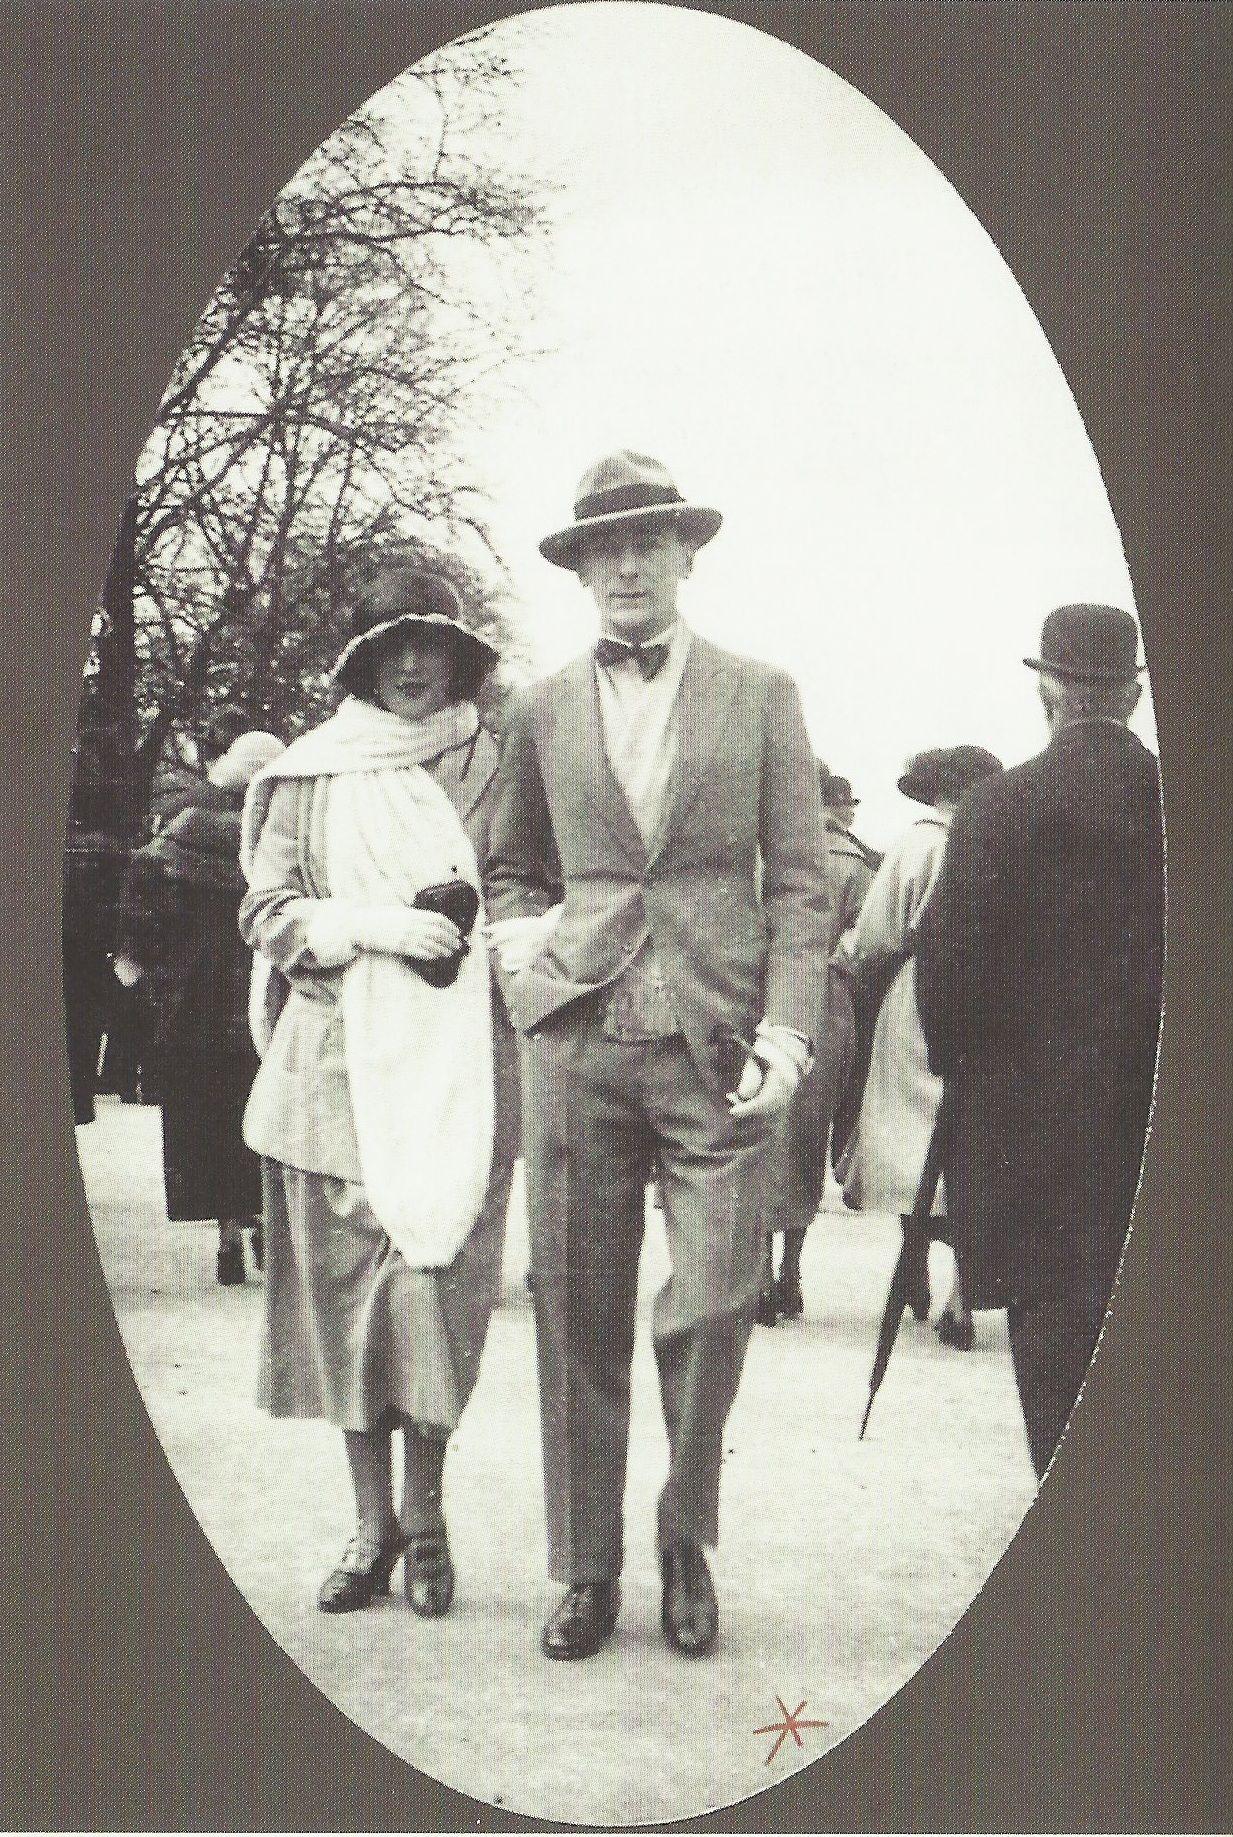 Le photographe Jacques Henri Lartigue et son épouse Bibi, avenue du Bois, Paris, années 1920